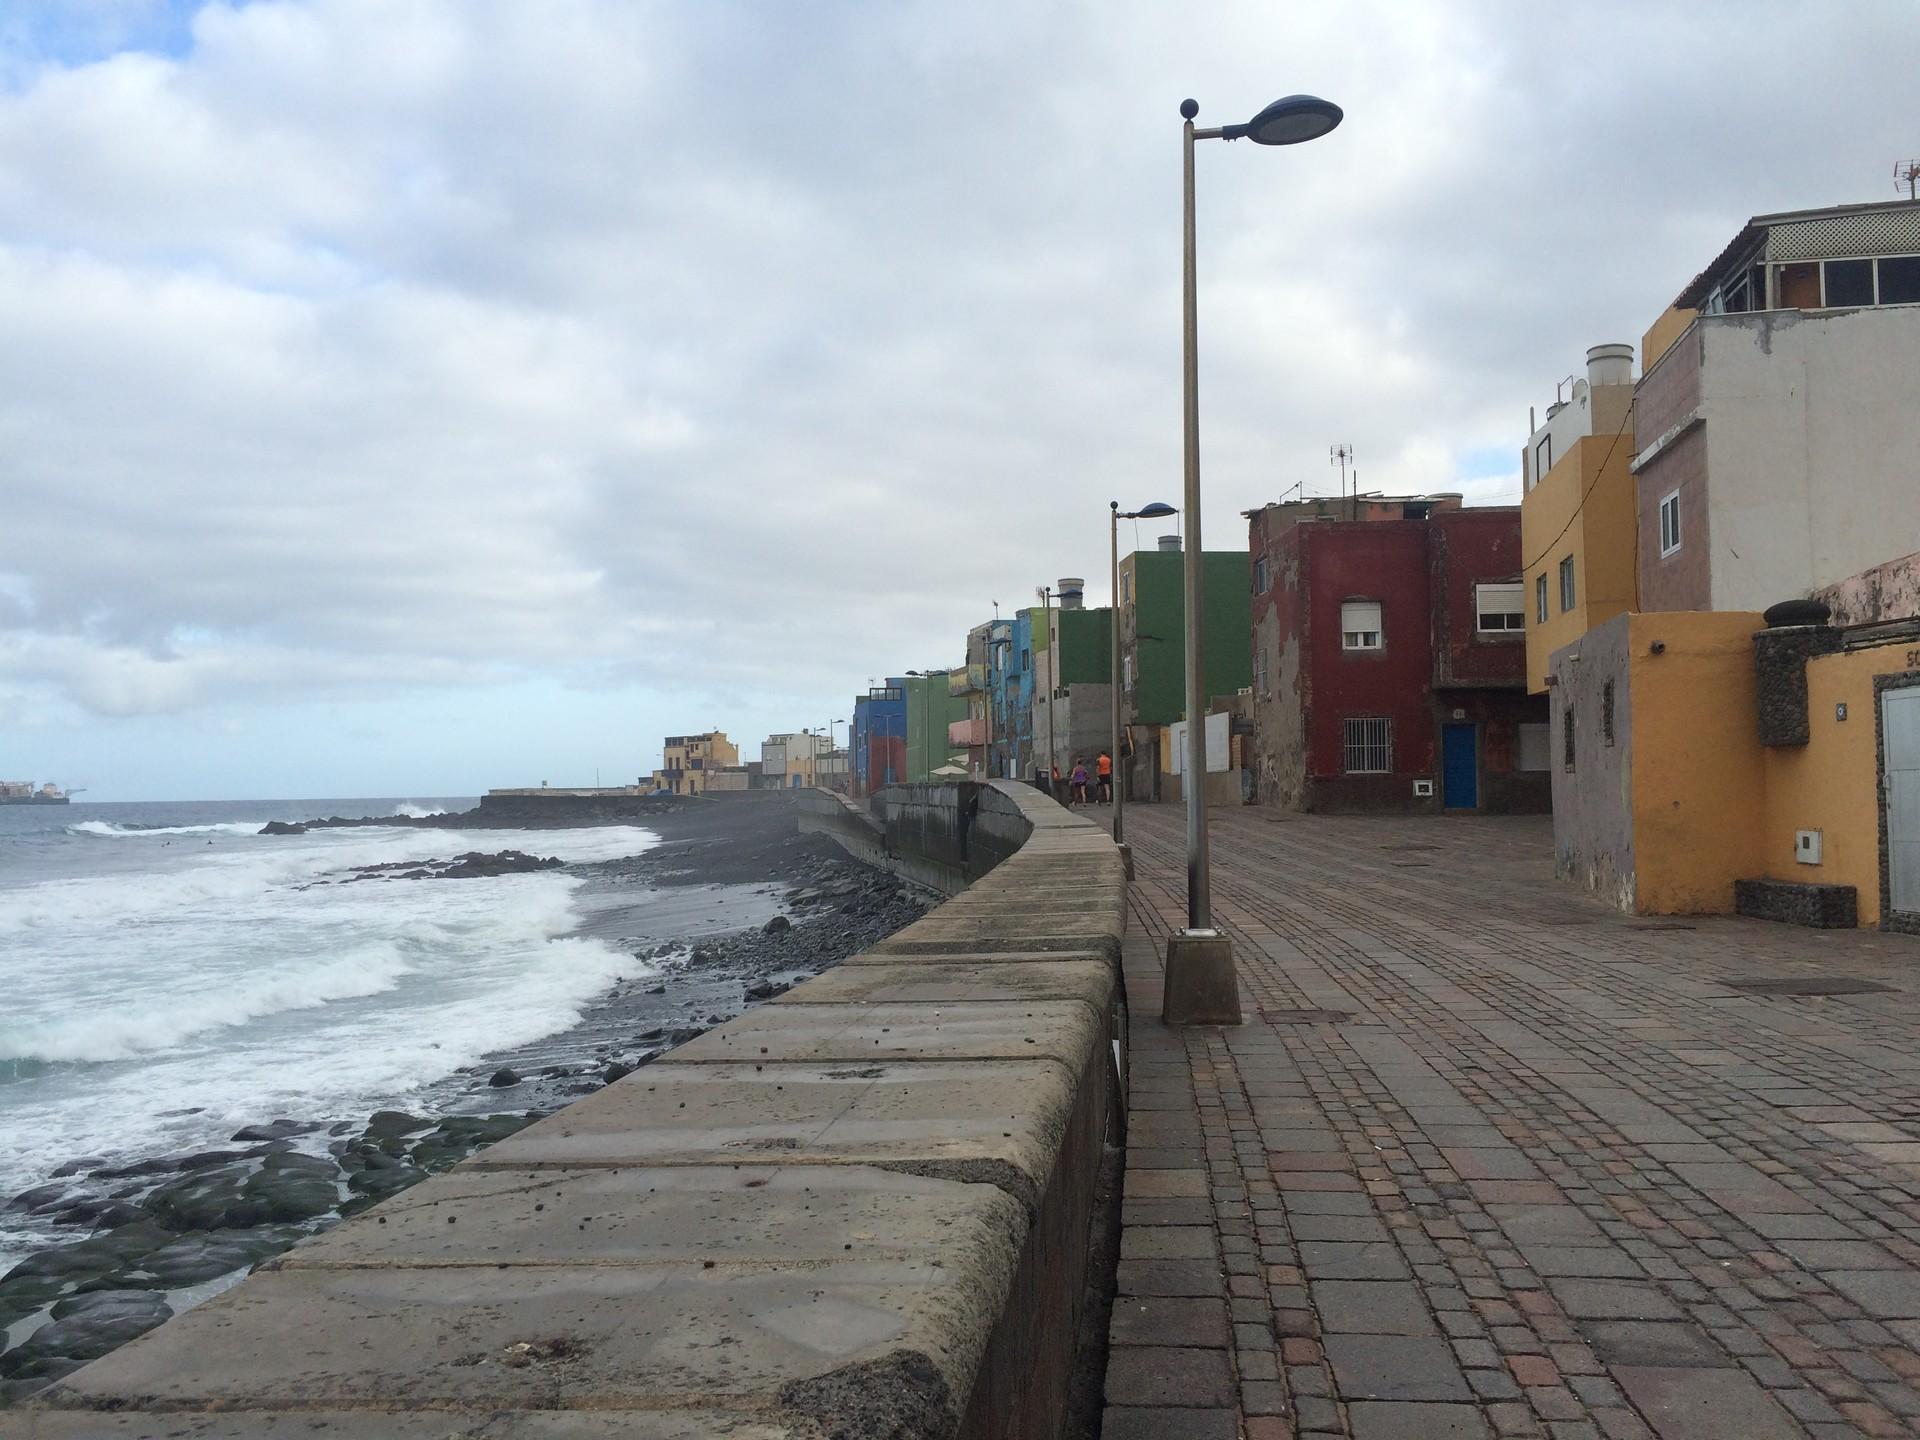 barrio-pesquero-san-cristobal-d241701e00